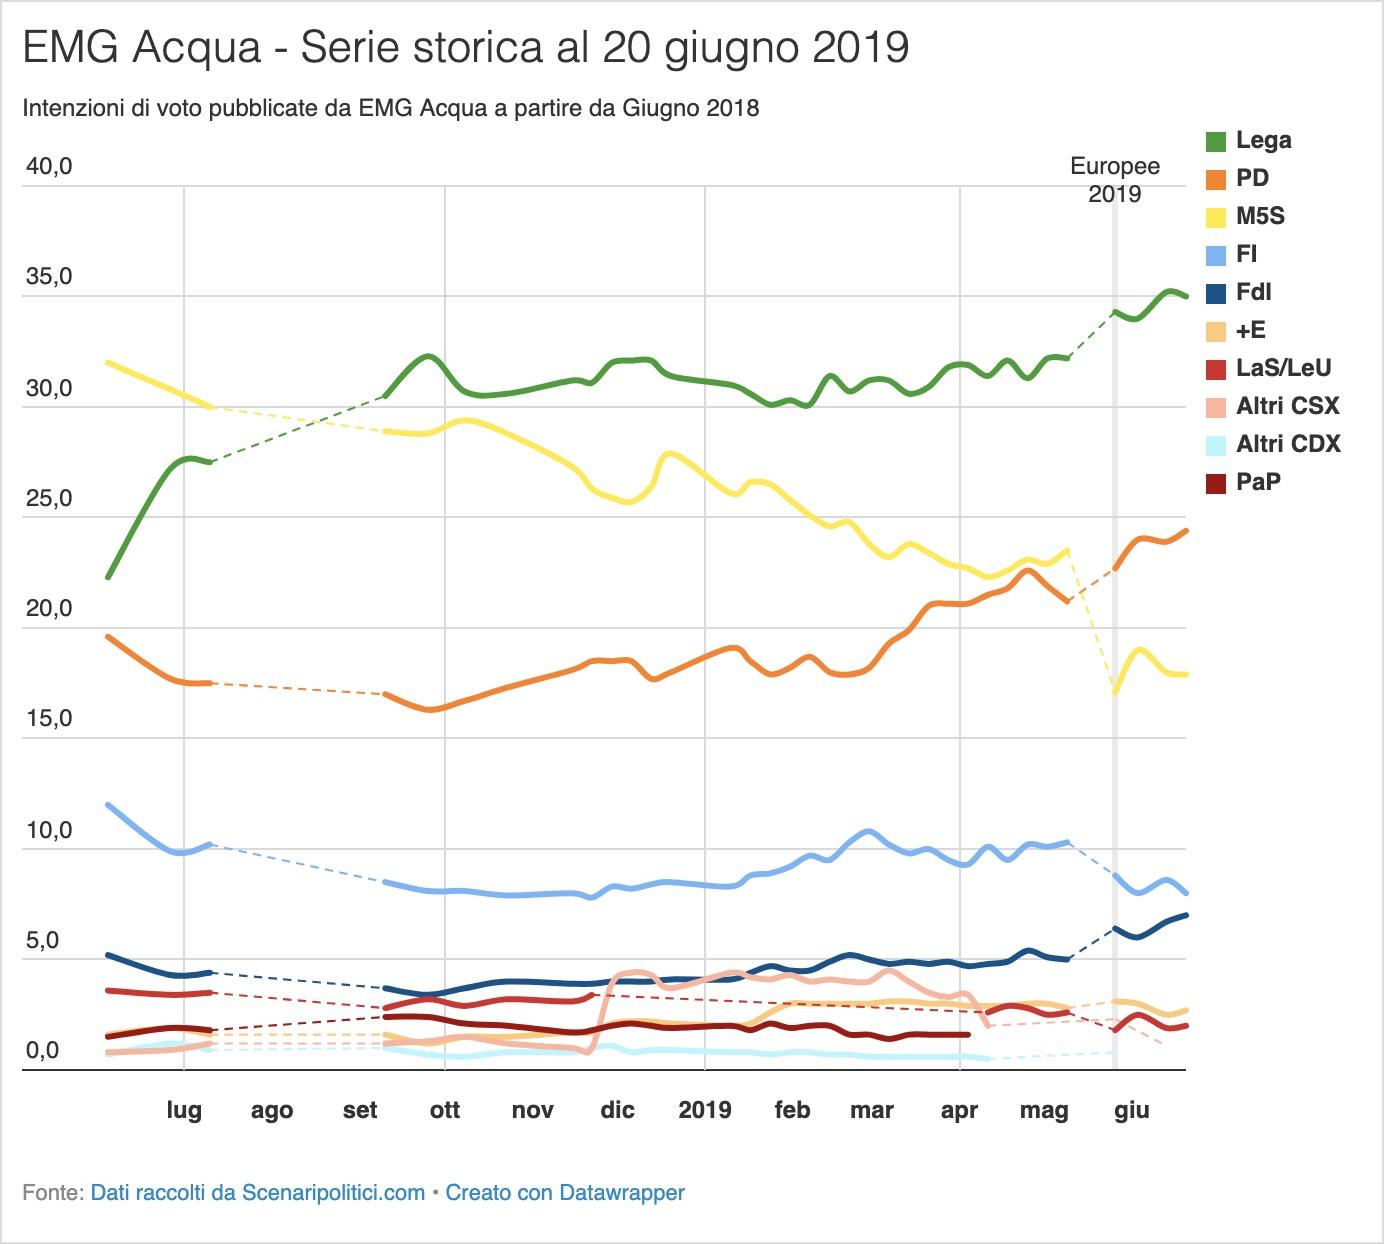 Sondaggio EMG Acqua 20 giugno 2019